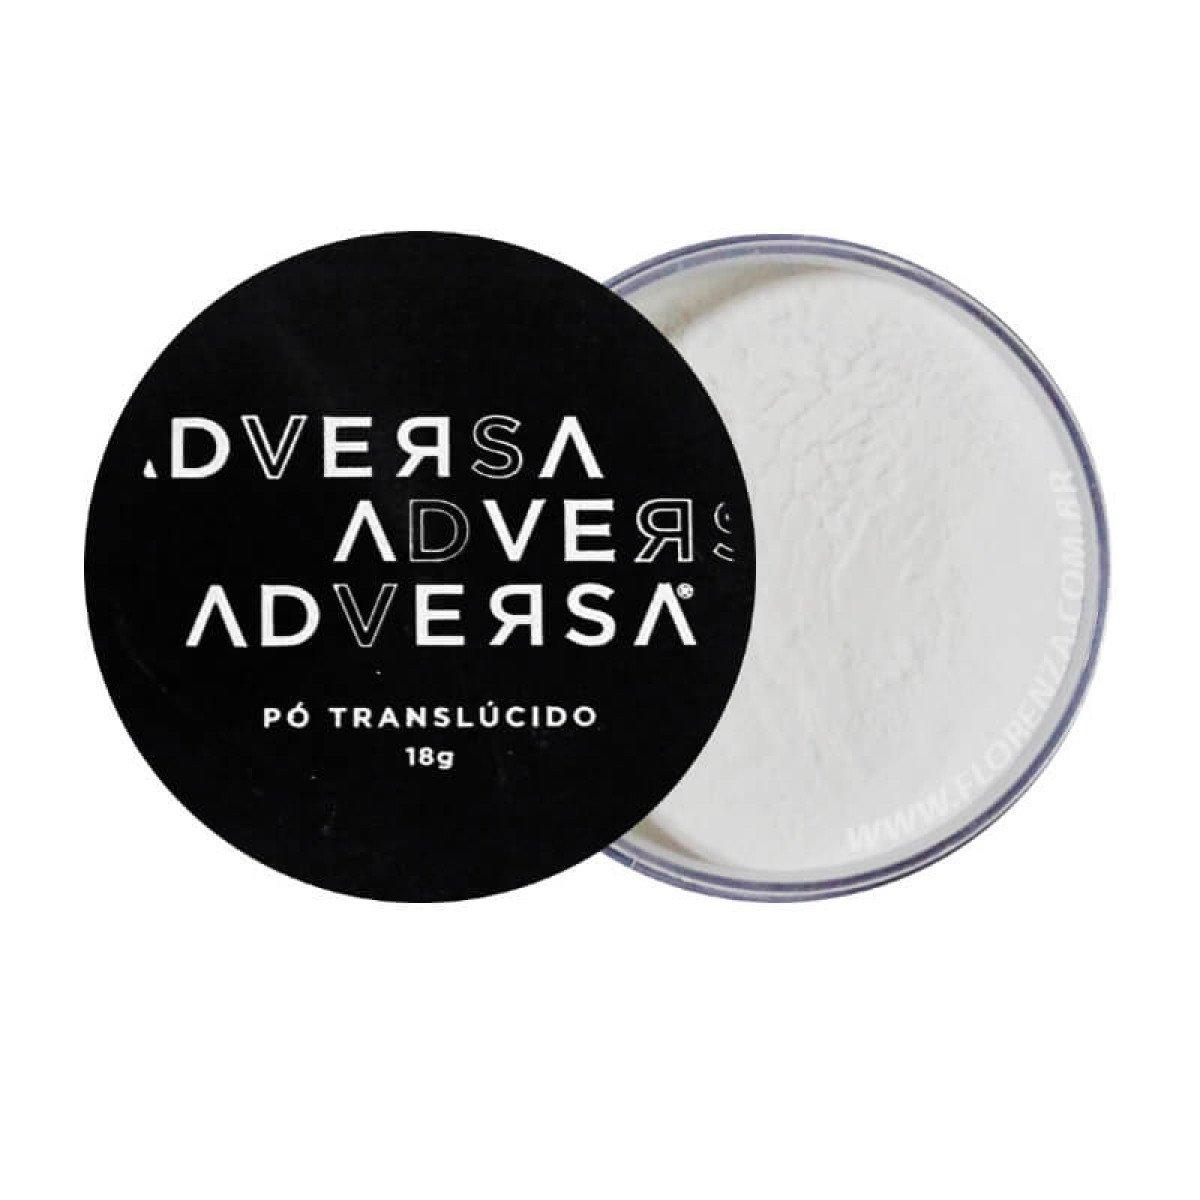 Pó Translúcido Vegano -  Adversa - Caixa com 6Un. (AD105)